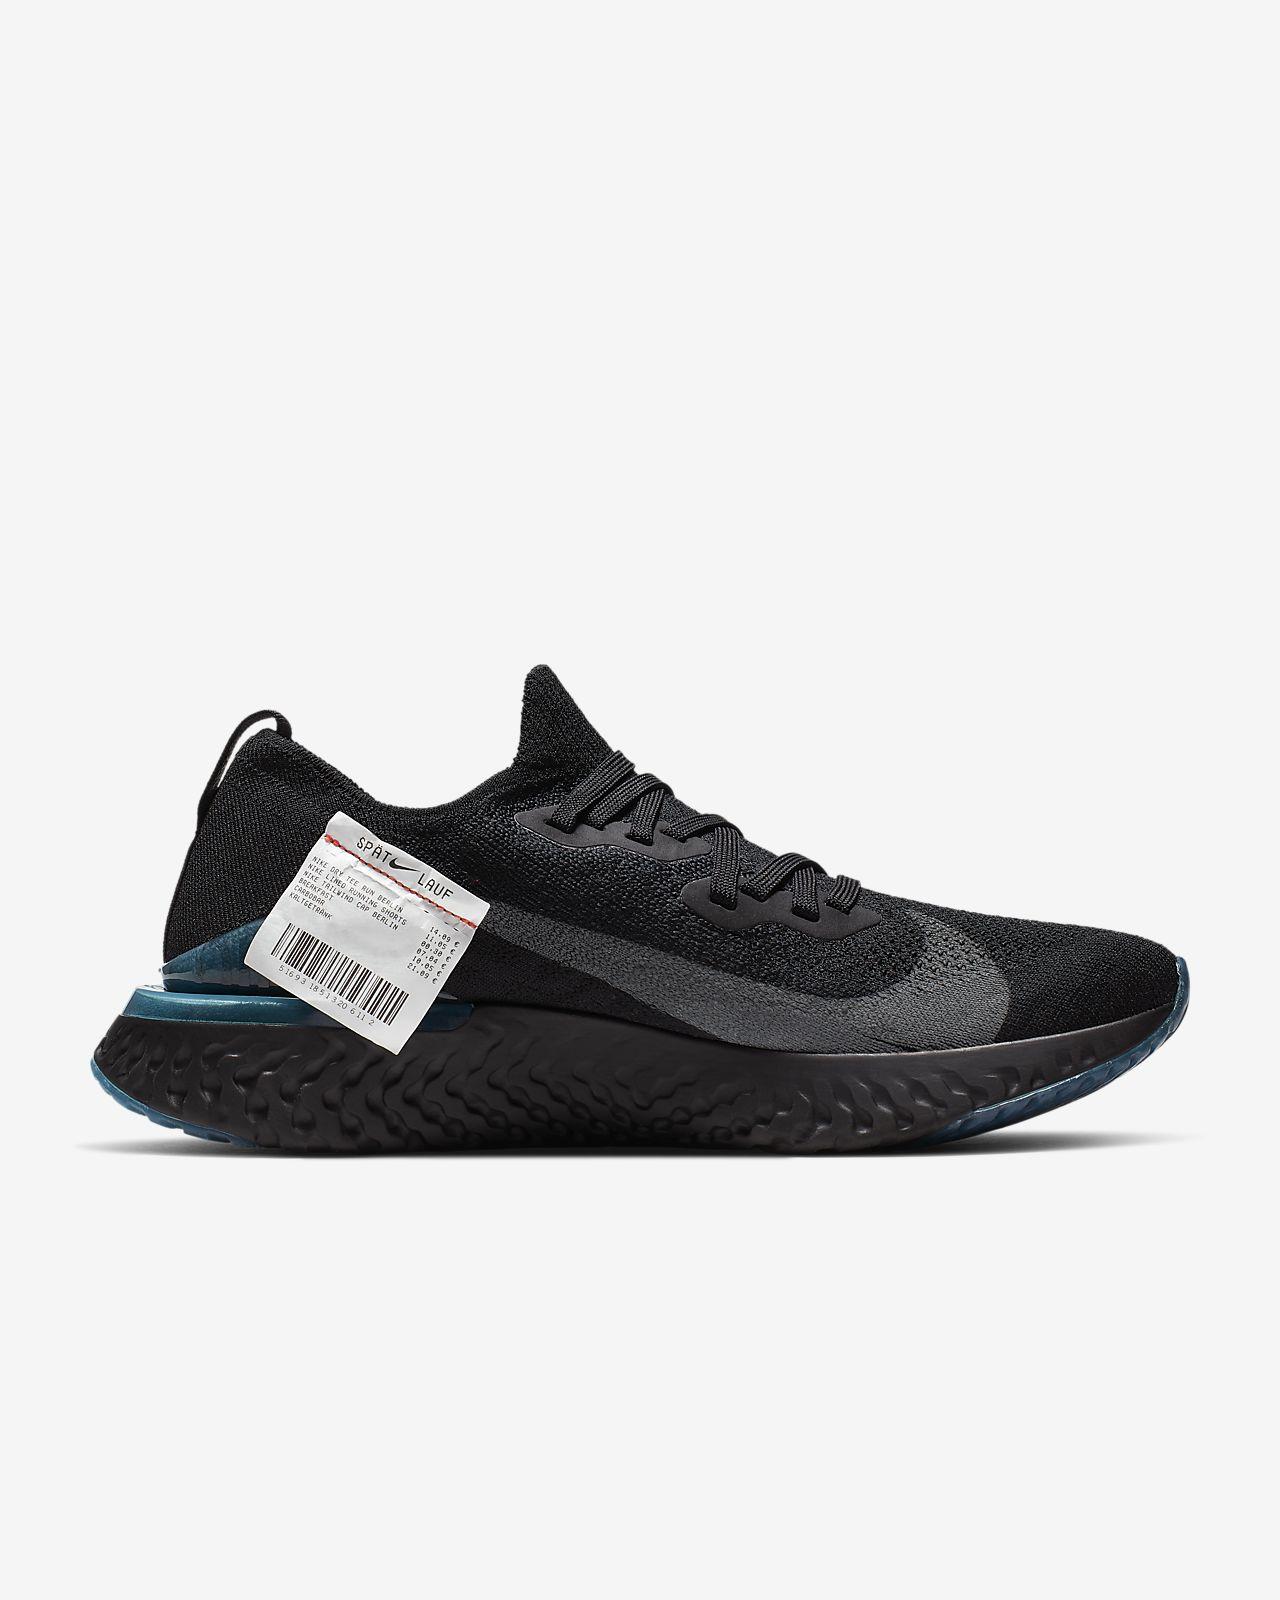 brand new 87378 5ede3 ... Nike Epic React FK 2 Späti Men s Running Shoe